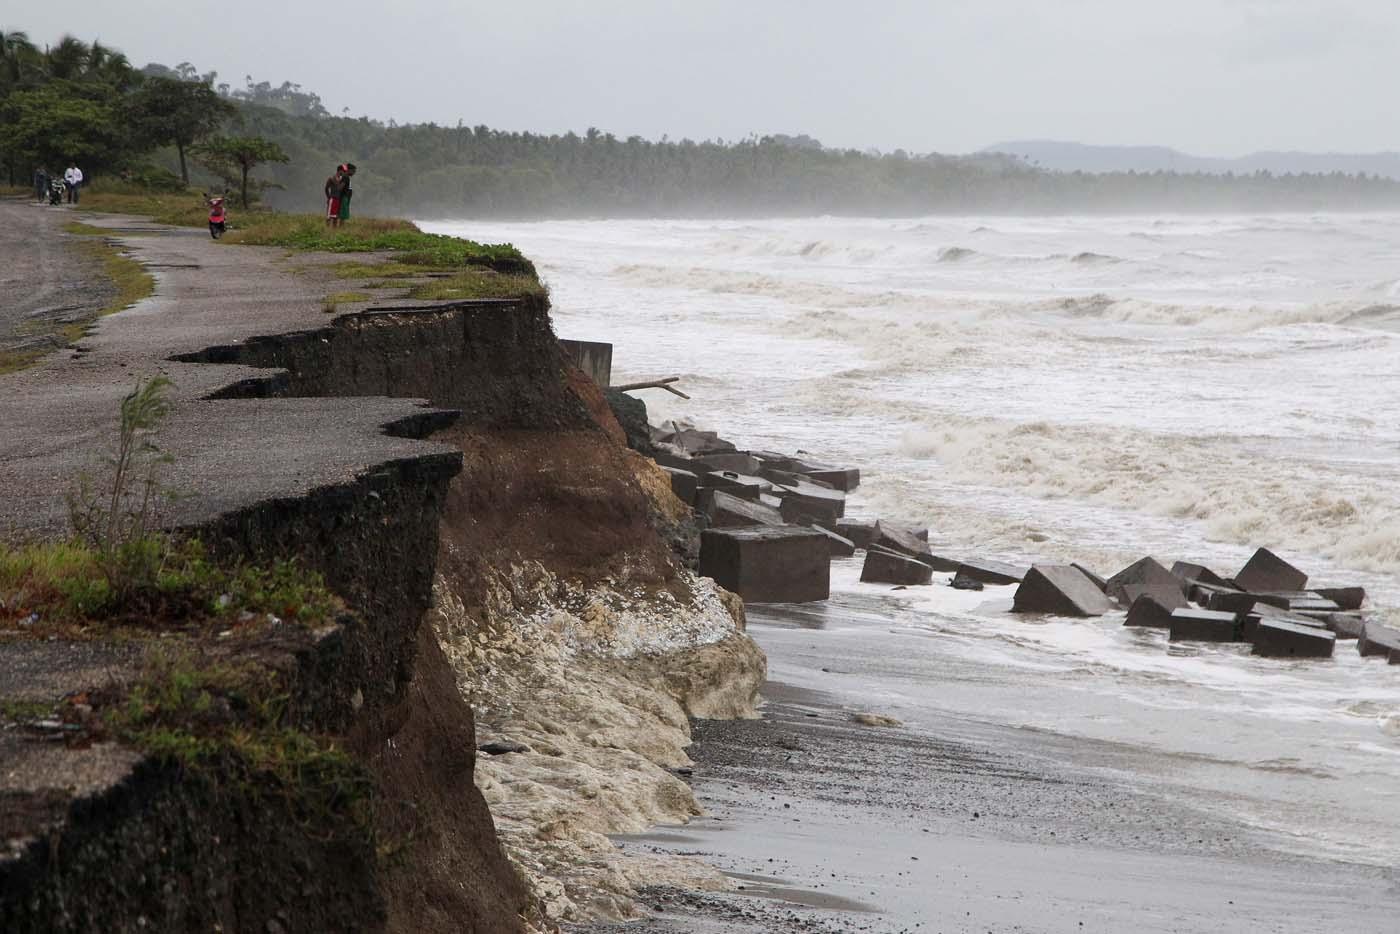 La gente mira la costanera dañada por el paso del huracán Irma en Nagua, República Dominicana, el 7 de septiembre de 2017. REUTERS/Ricardo Rojas